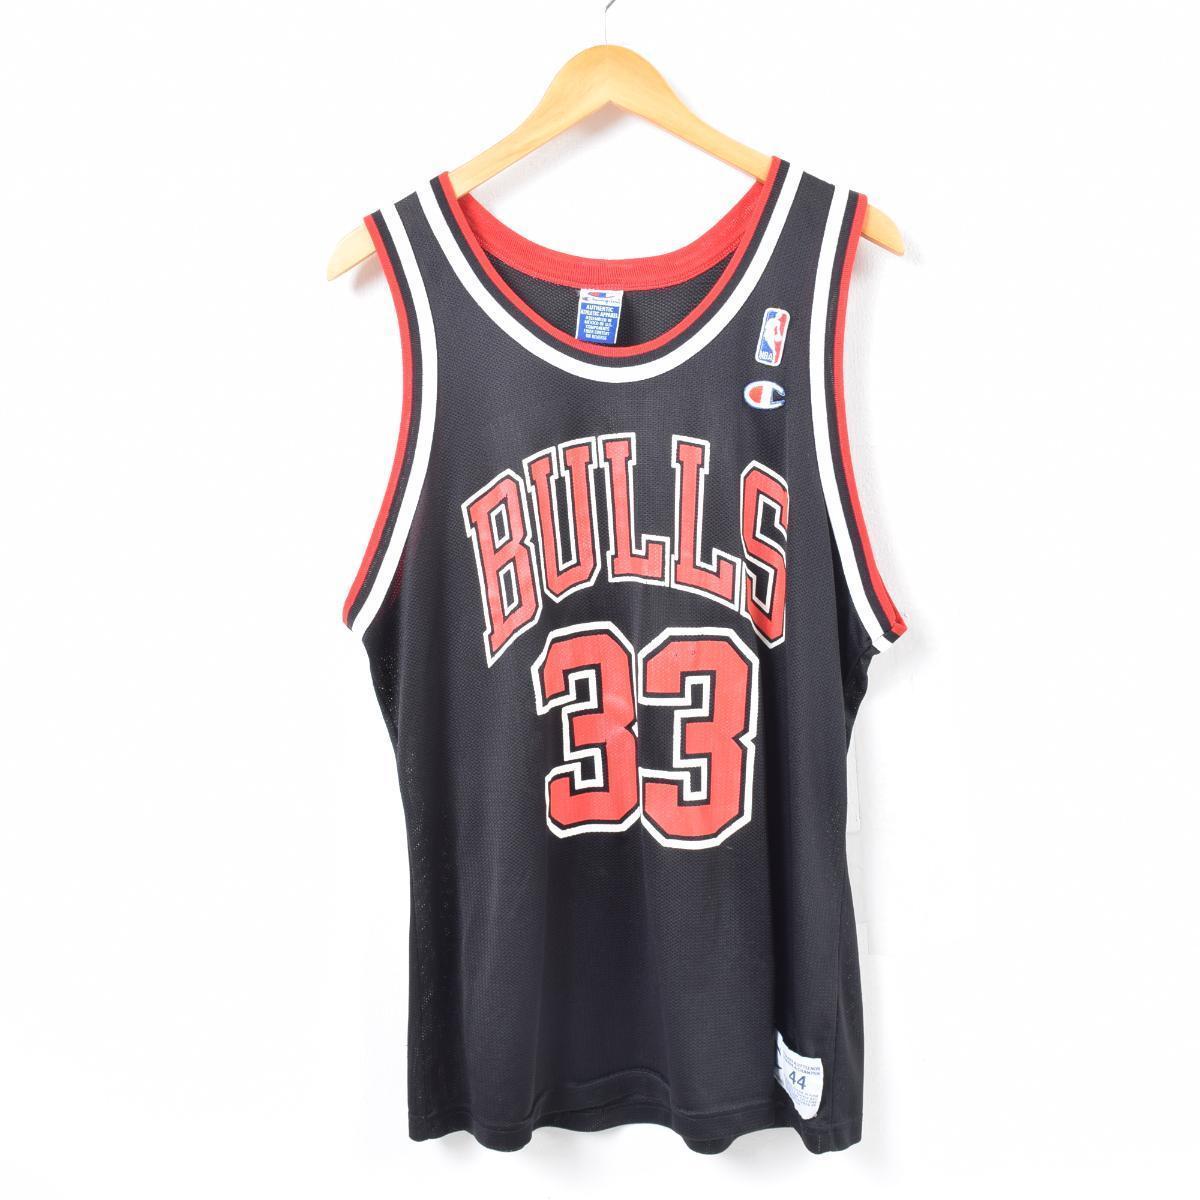 90年代 チャンピオン Champion NBA CHICAGO BULLS シカゴブルズ Scottie Pippen スコッティピッペン ゲームシャツ レプリカユニフォーム メンズXL /waq7237 【中古】【古着屋JAM】 【180622】